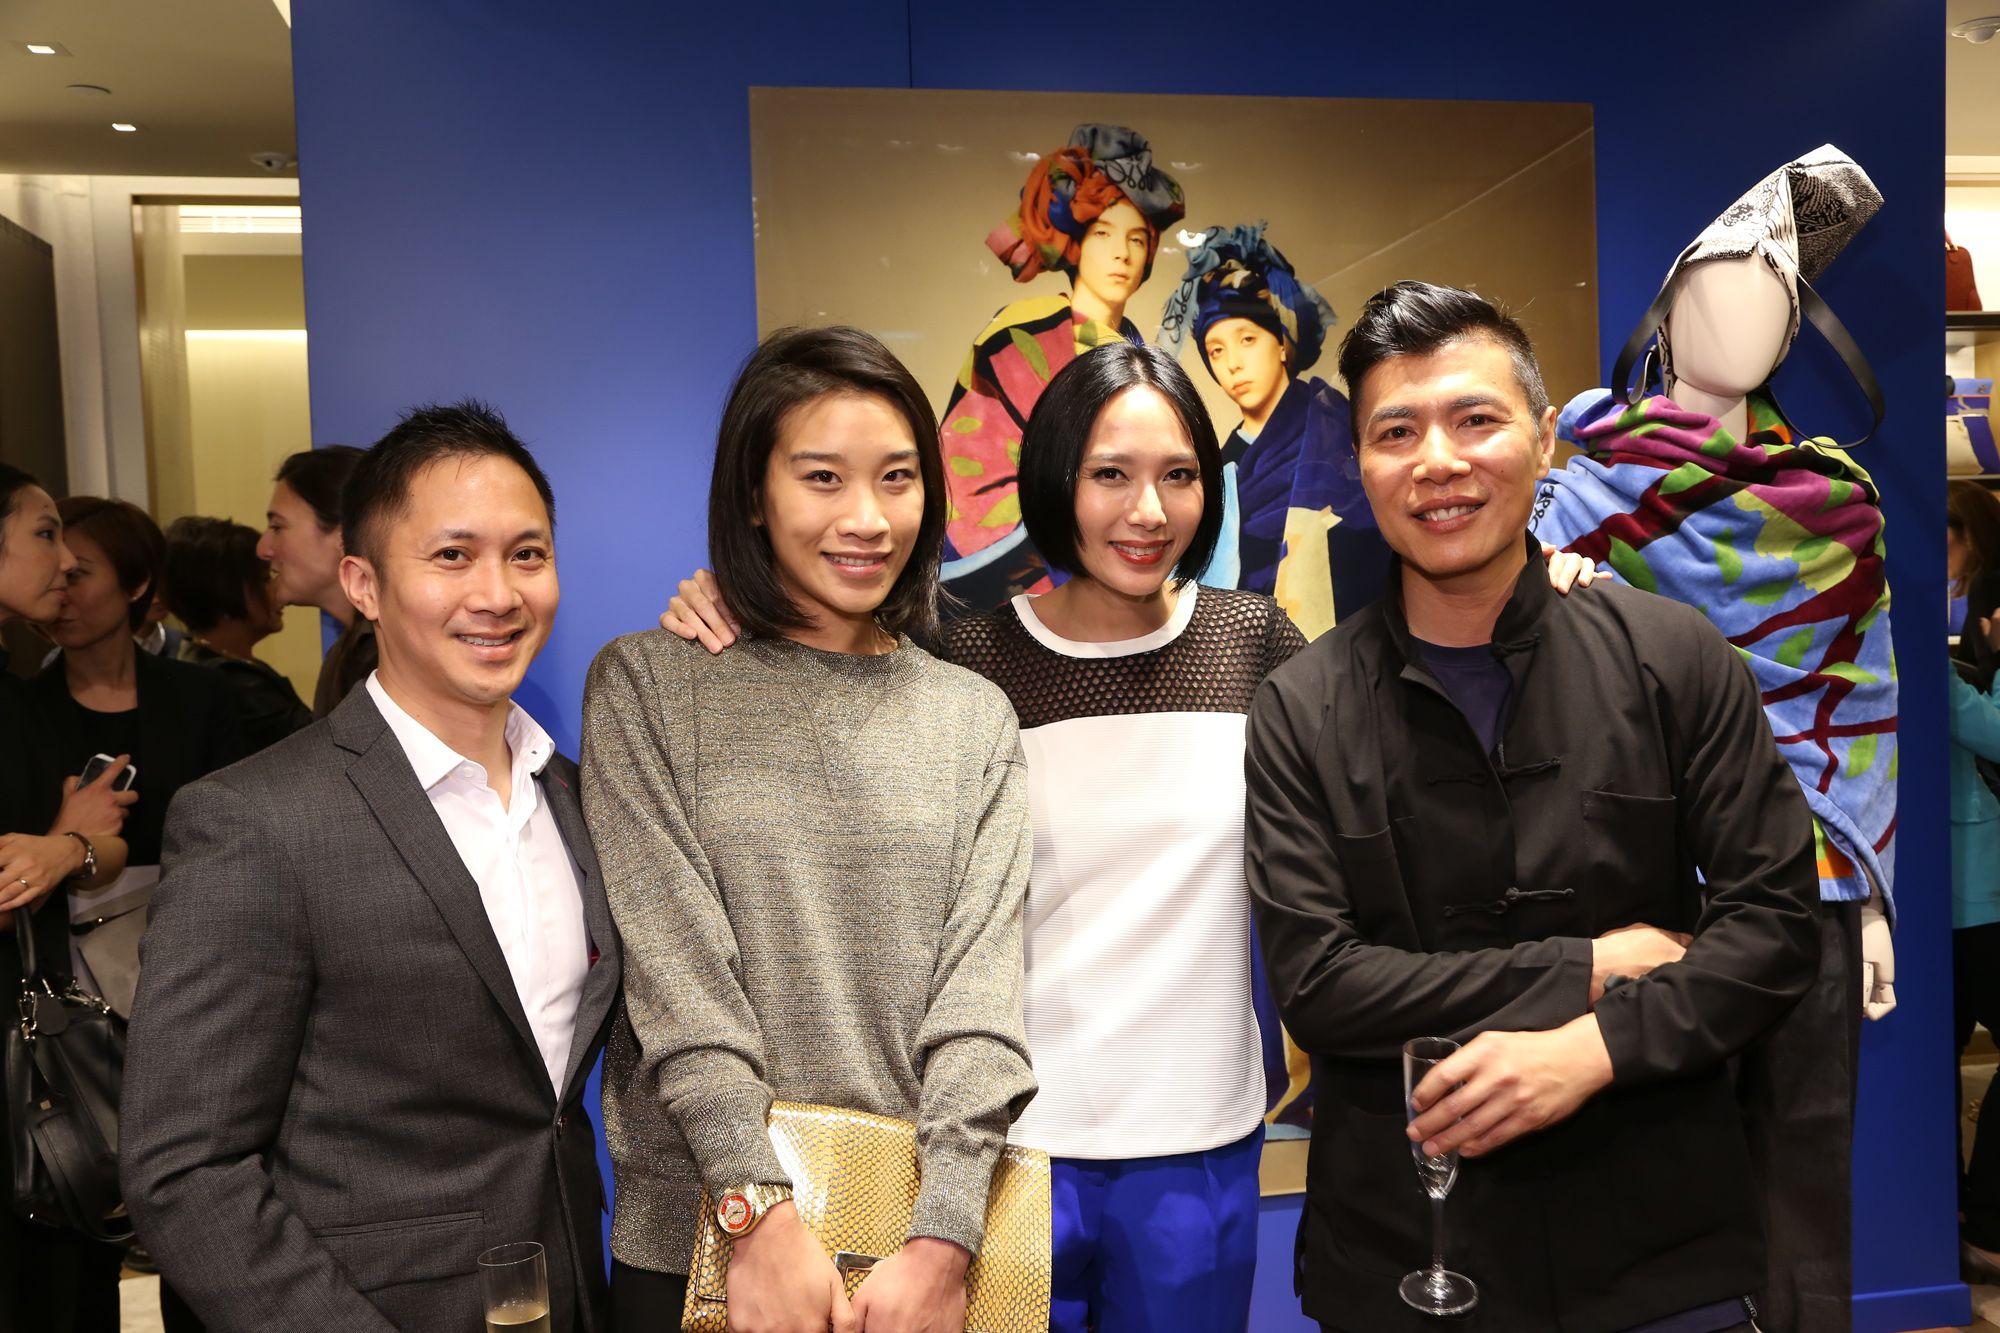 Jehan Chu, Dee Poon, Jaime Ku, and Douglas Young